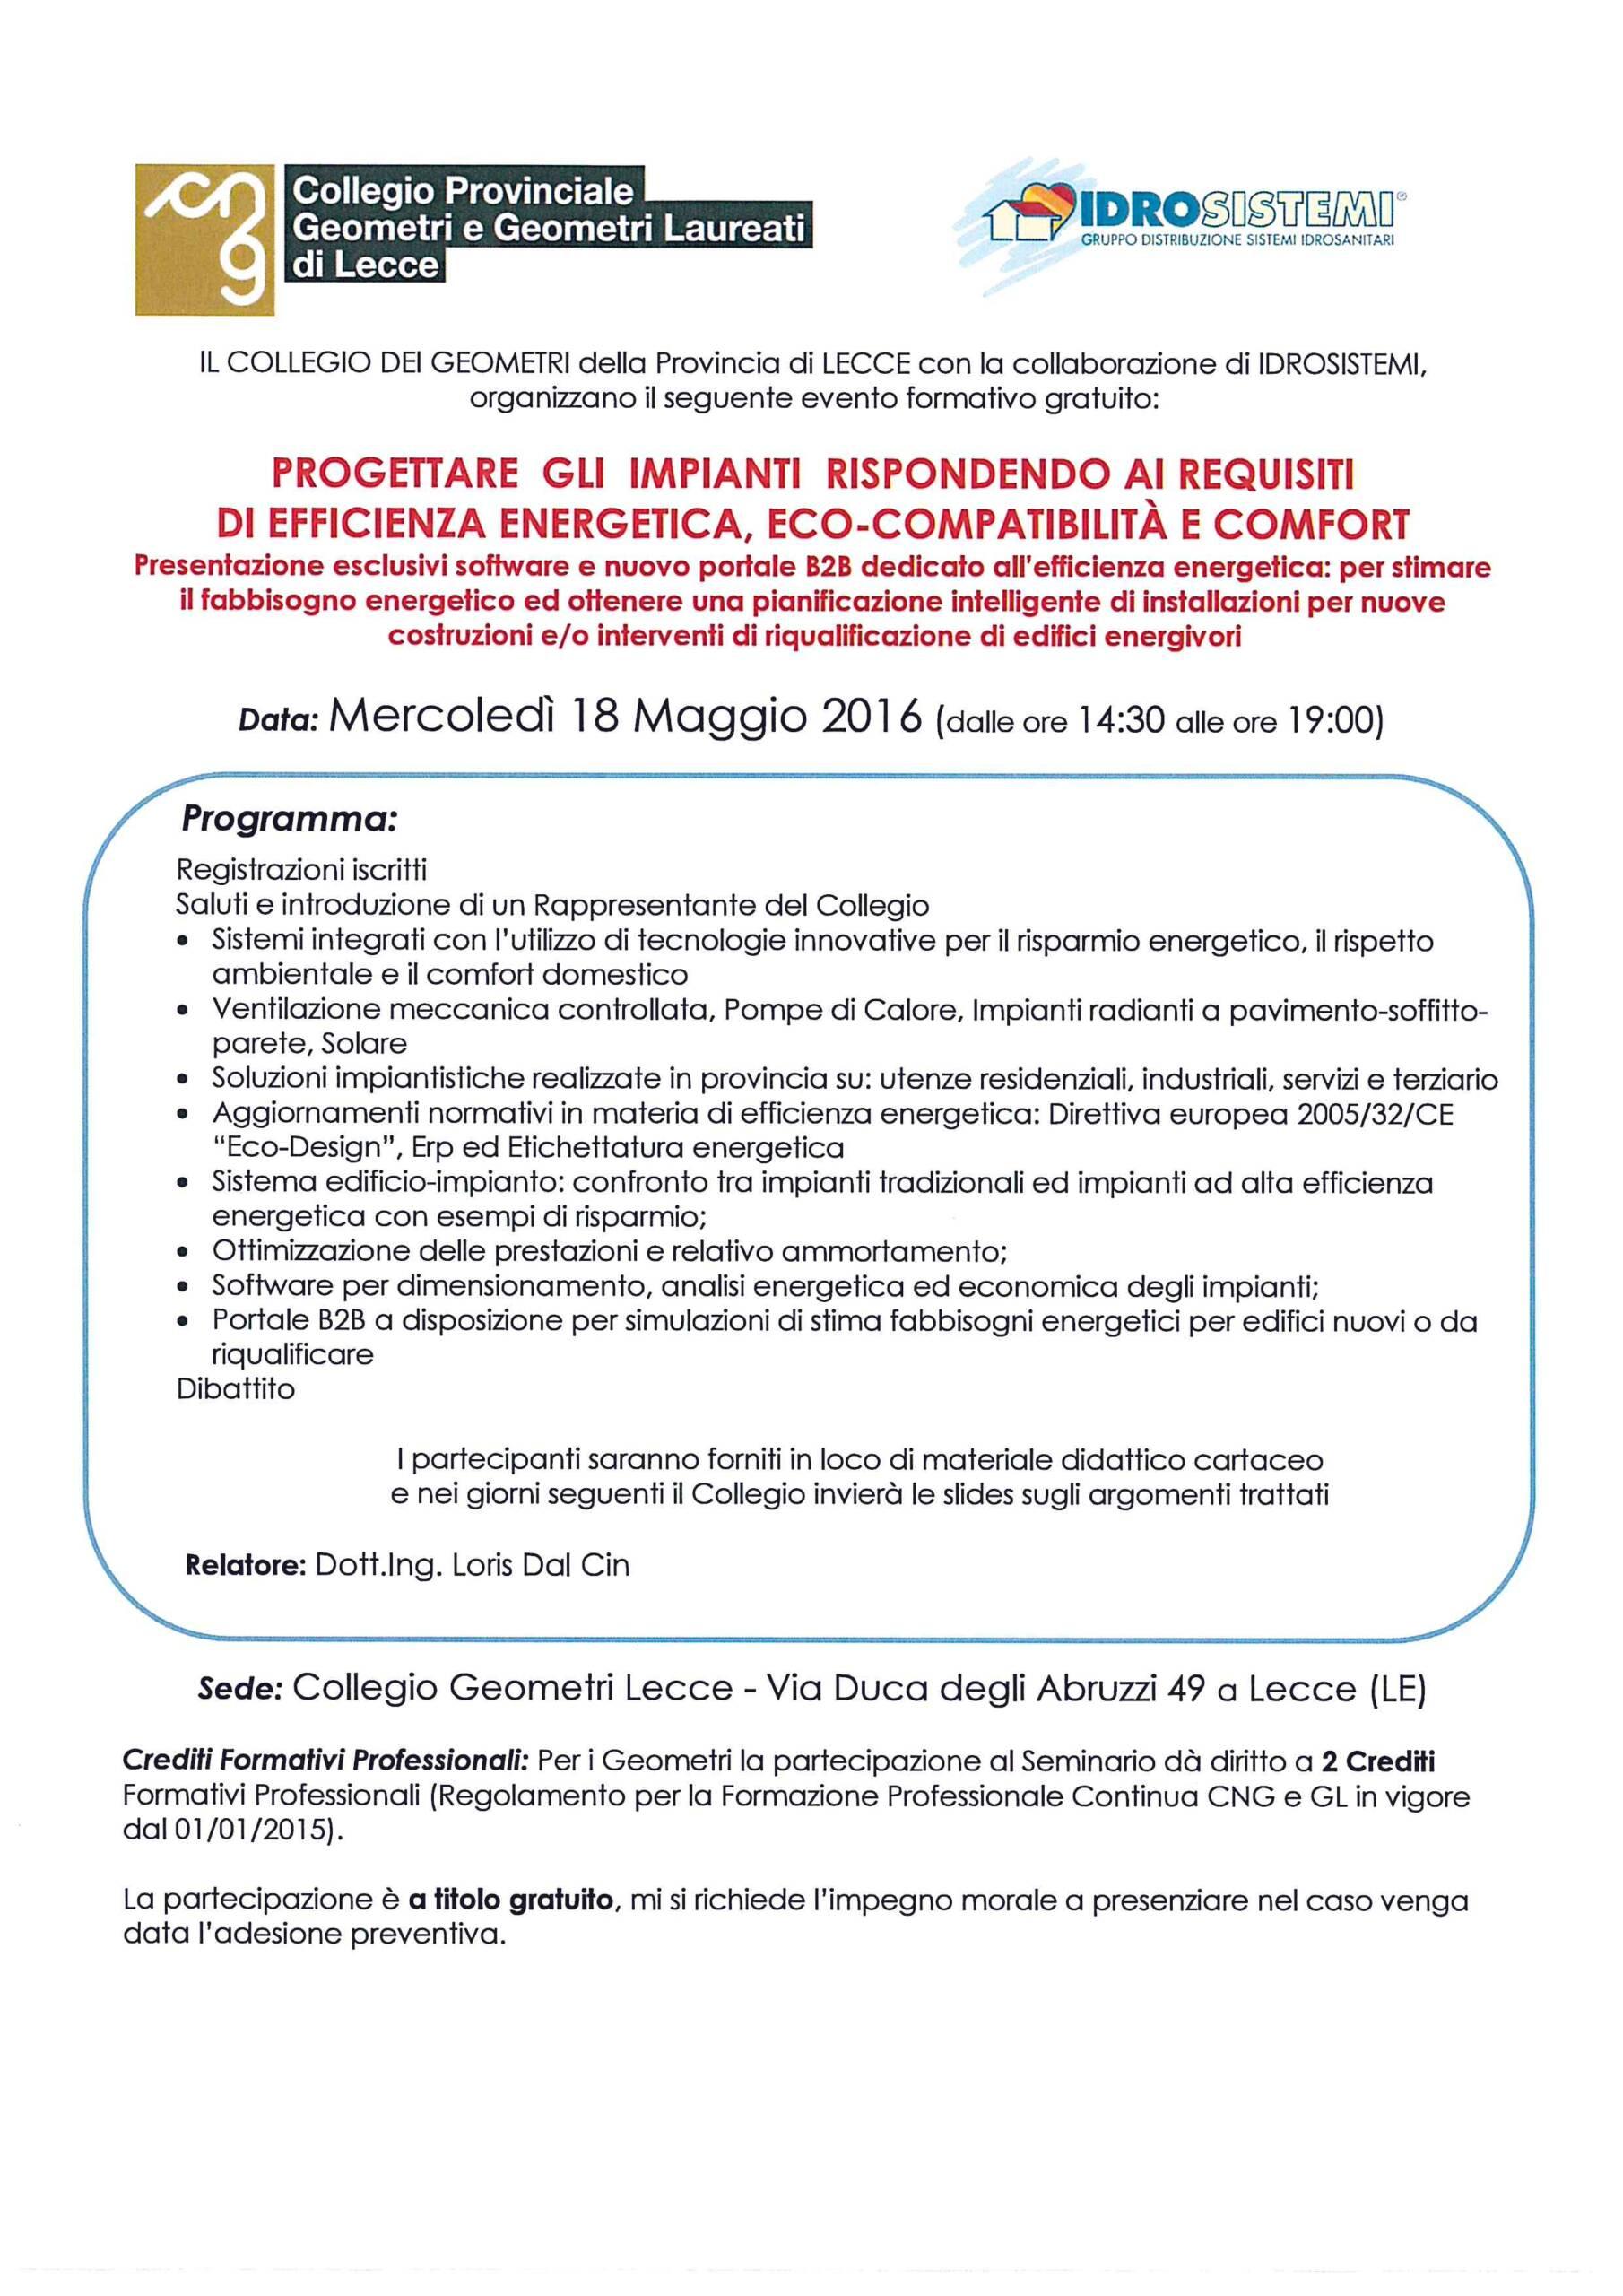 """Seminario tecnico """"Progettare gli impianti rispondendo ai requisiti di efficienza energetica, eco-compatibilità e comfort"""" – Lecce 18/05/2016"""